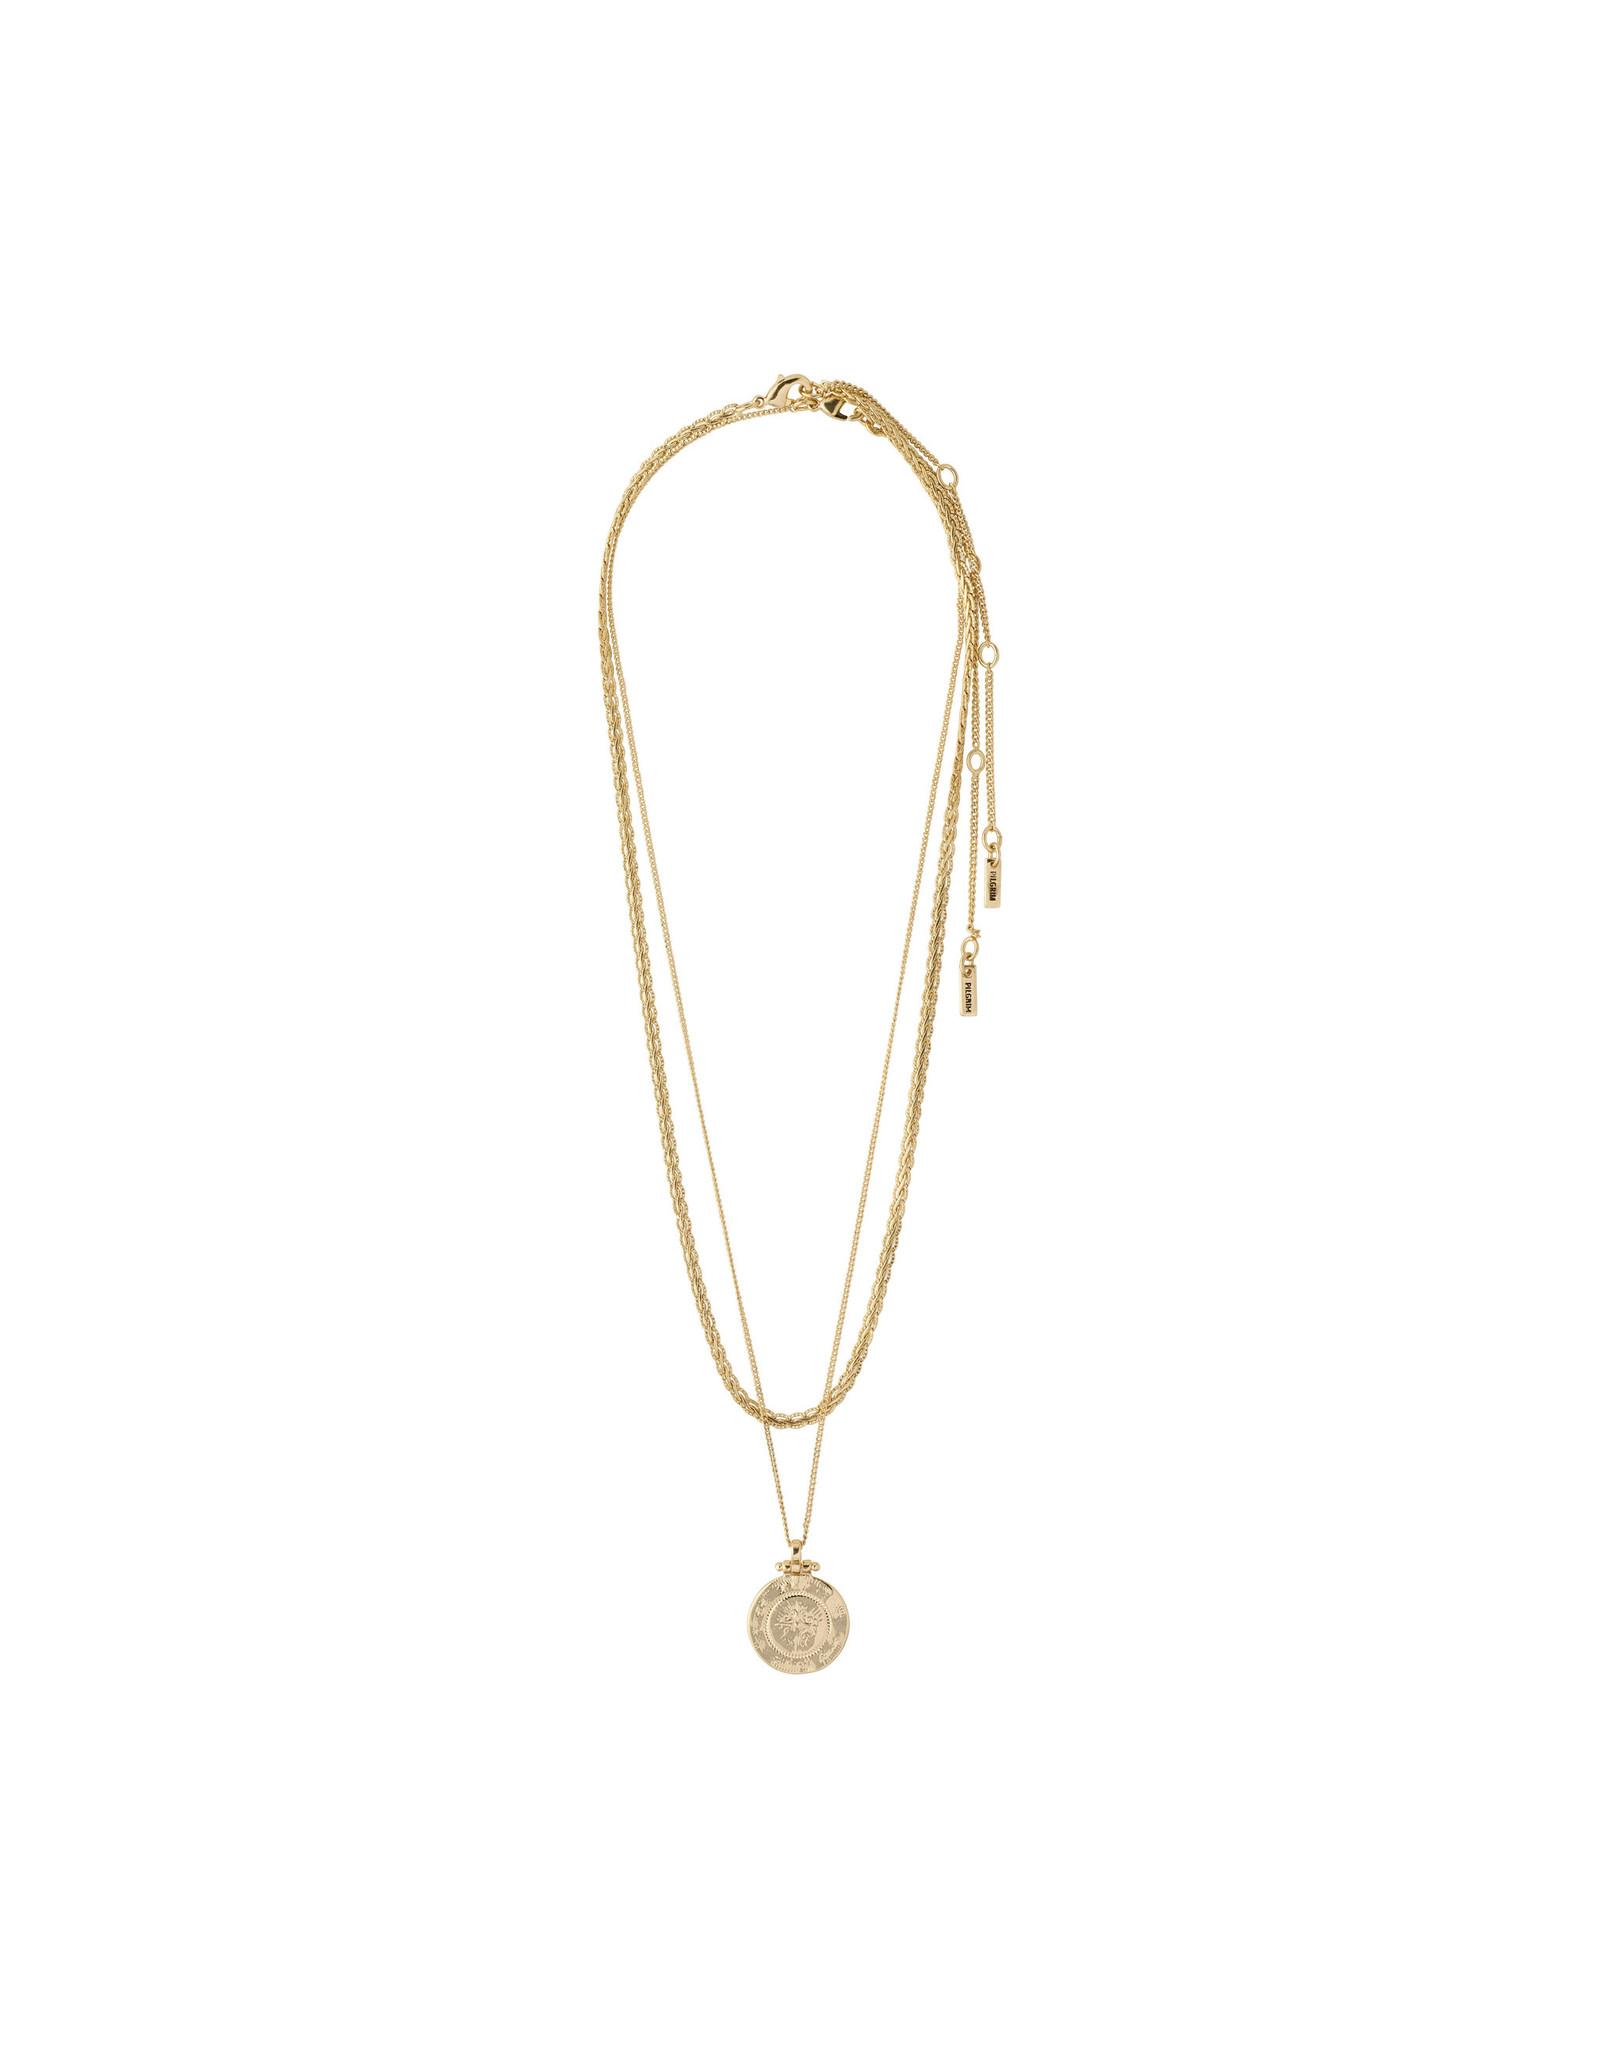 Pilgrim - Nomad 2-in-1 Necklace